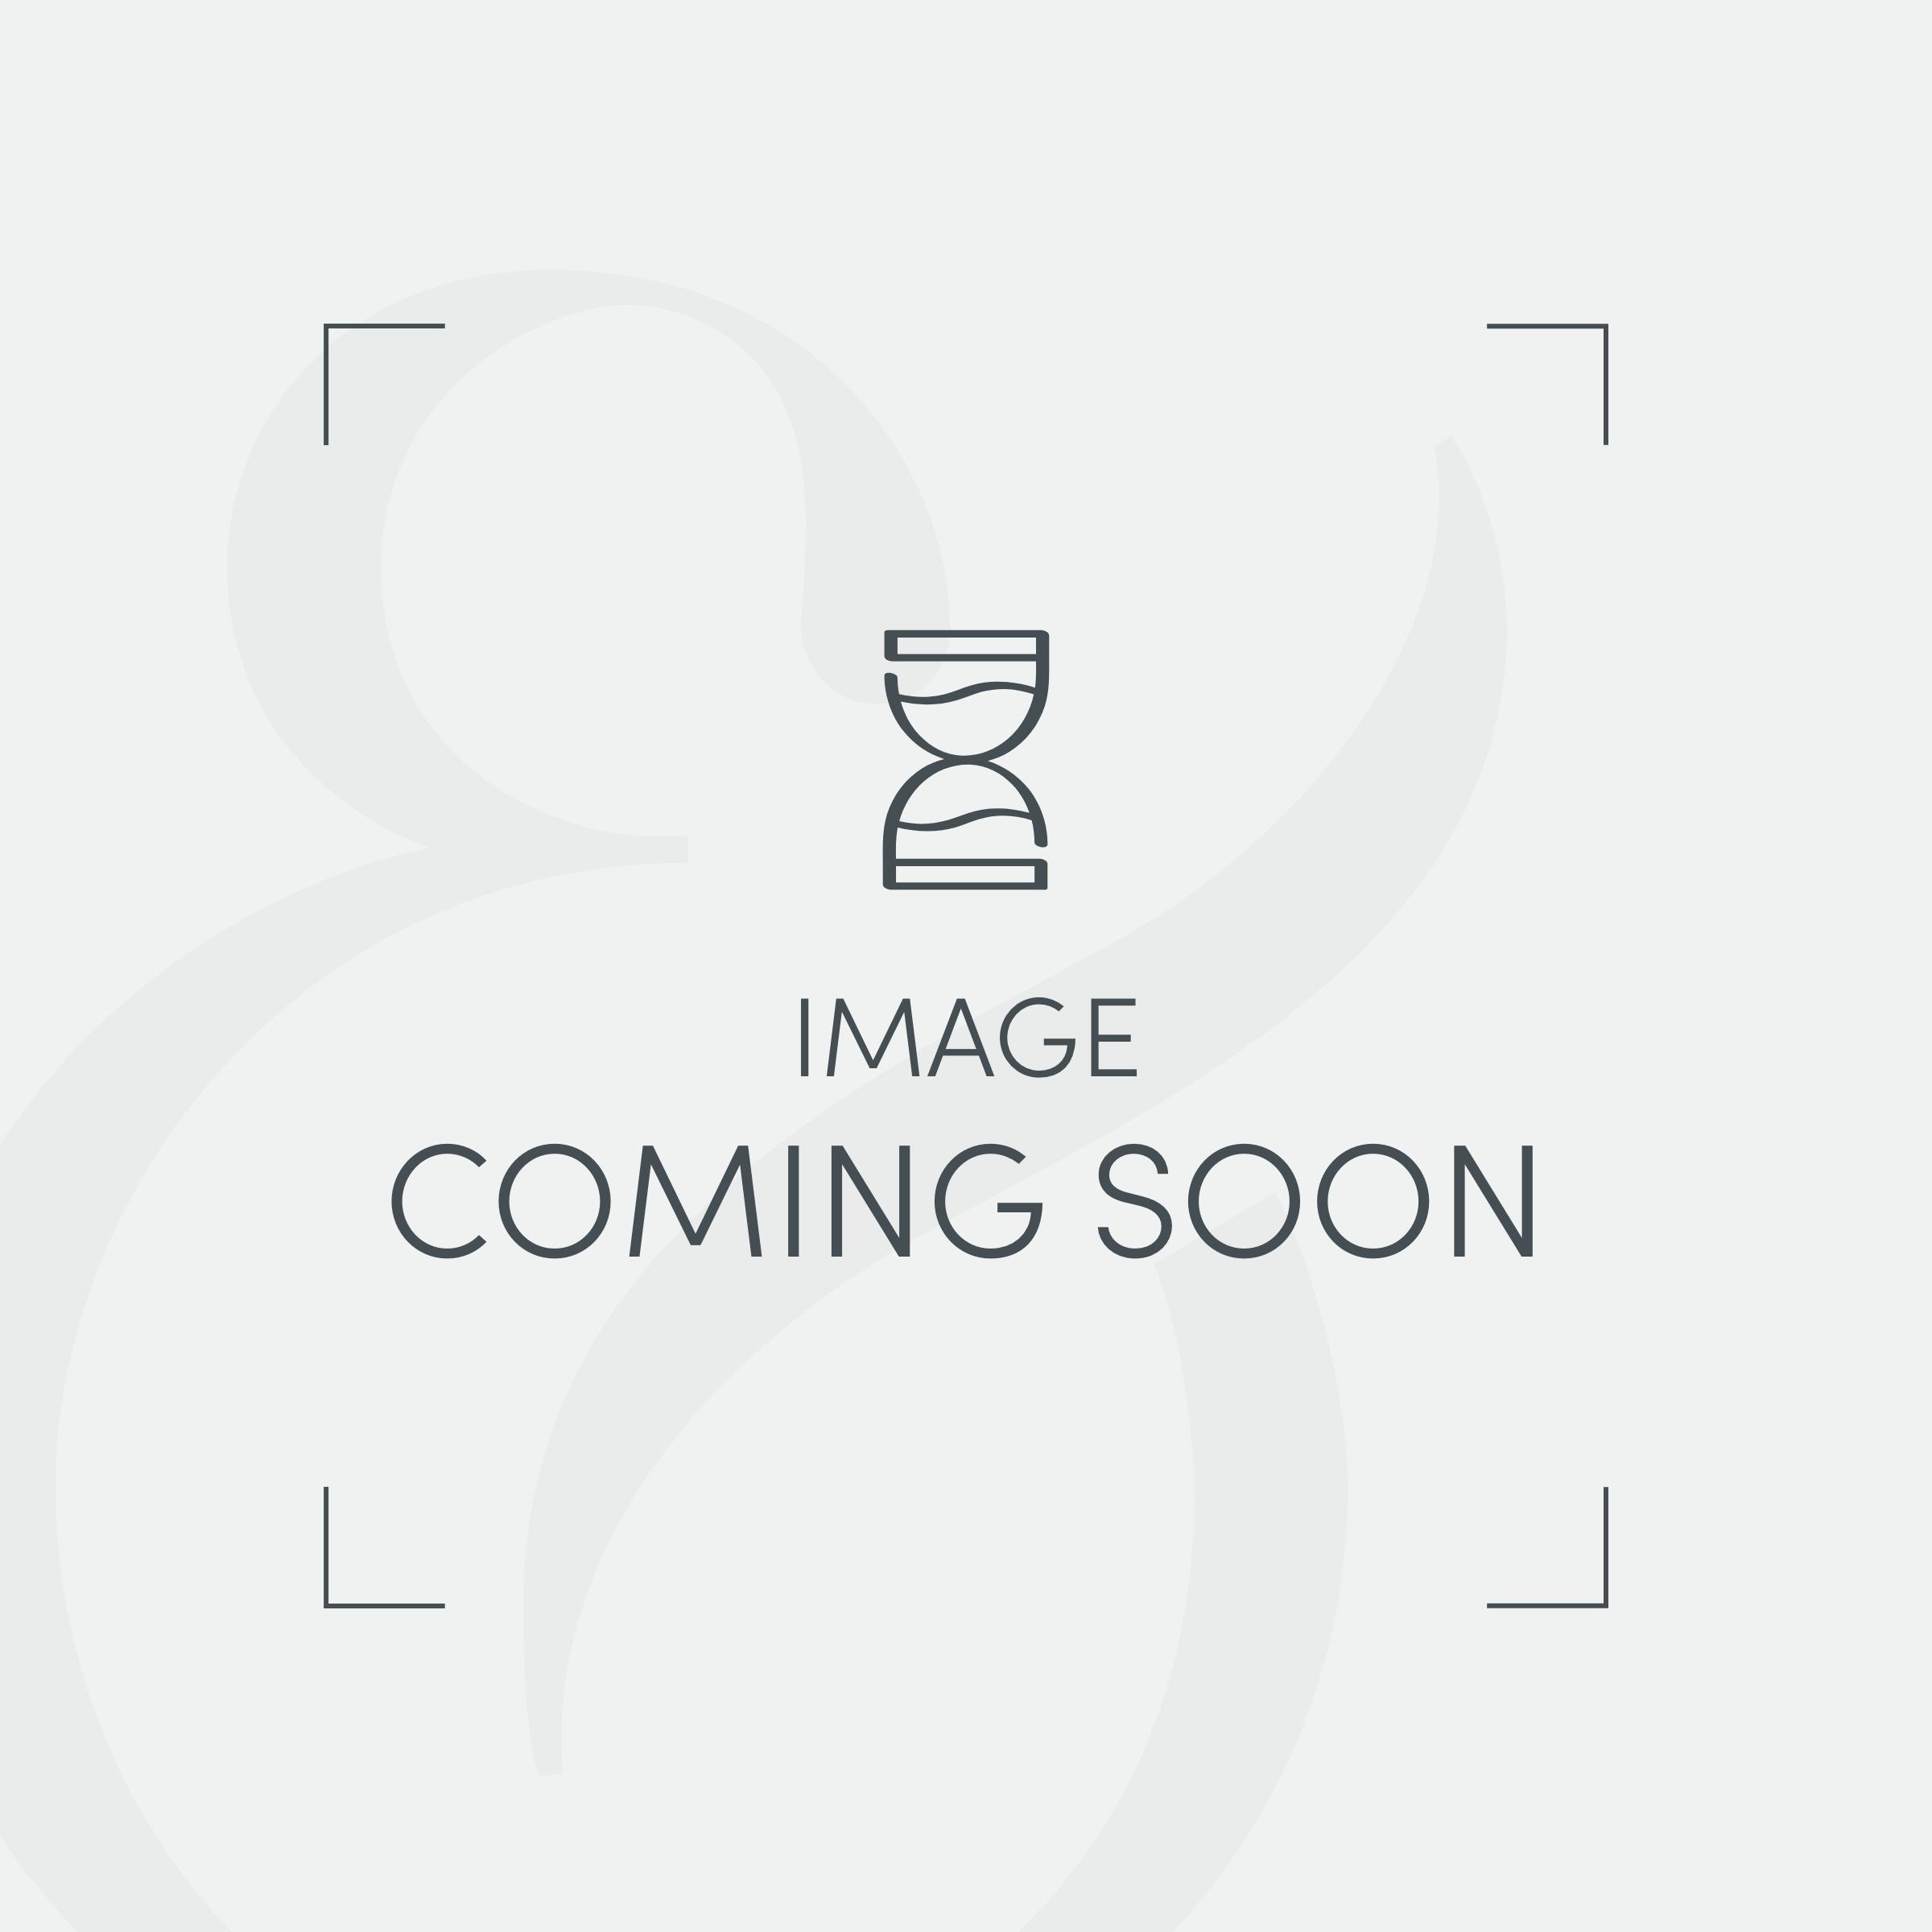 New (First) Home Bedding Bundles